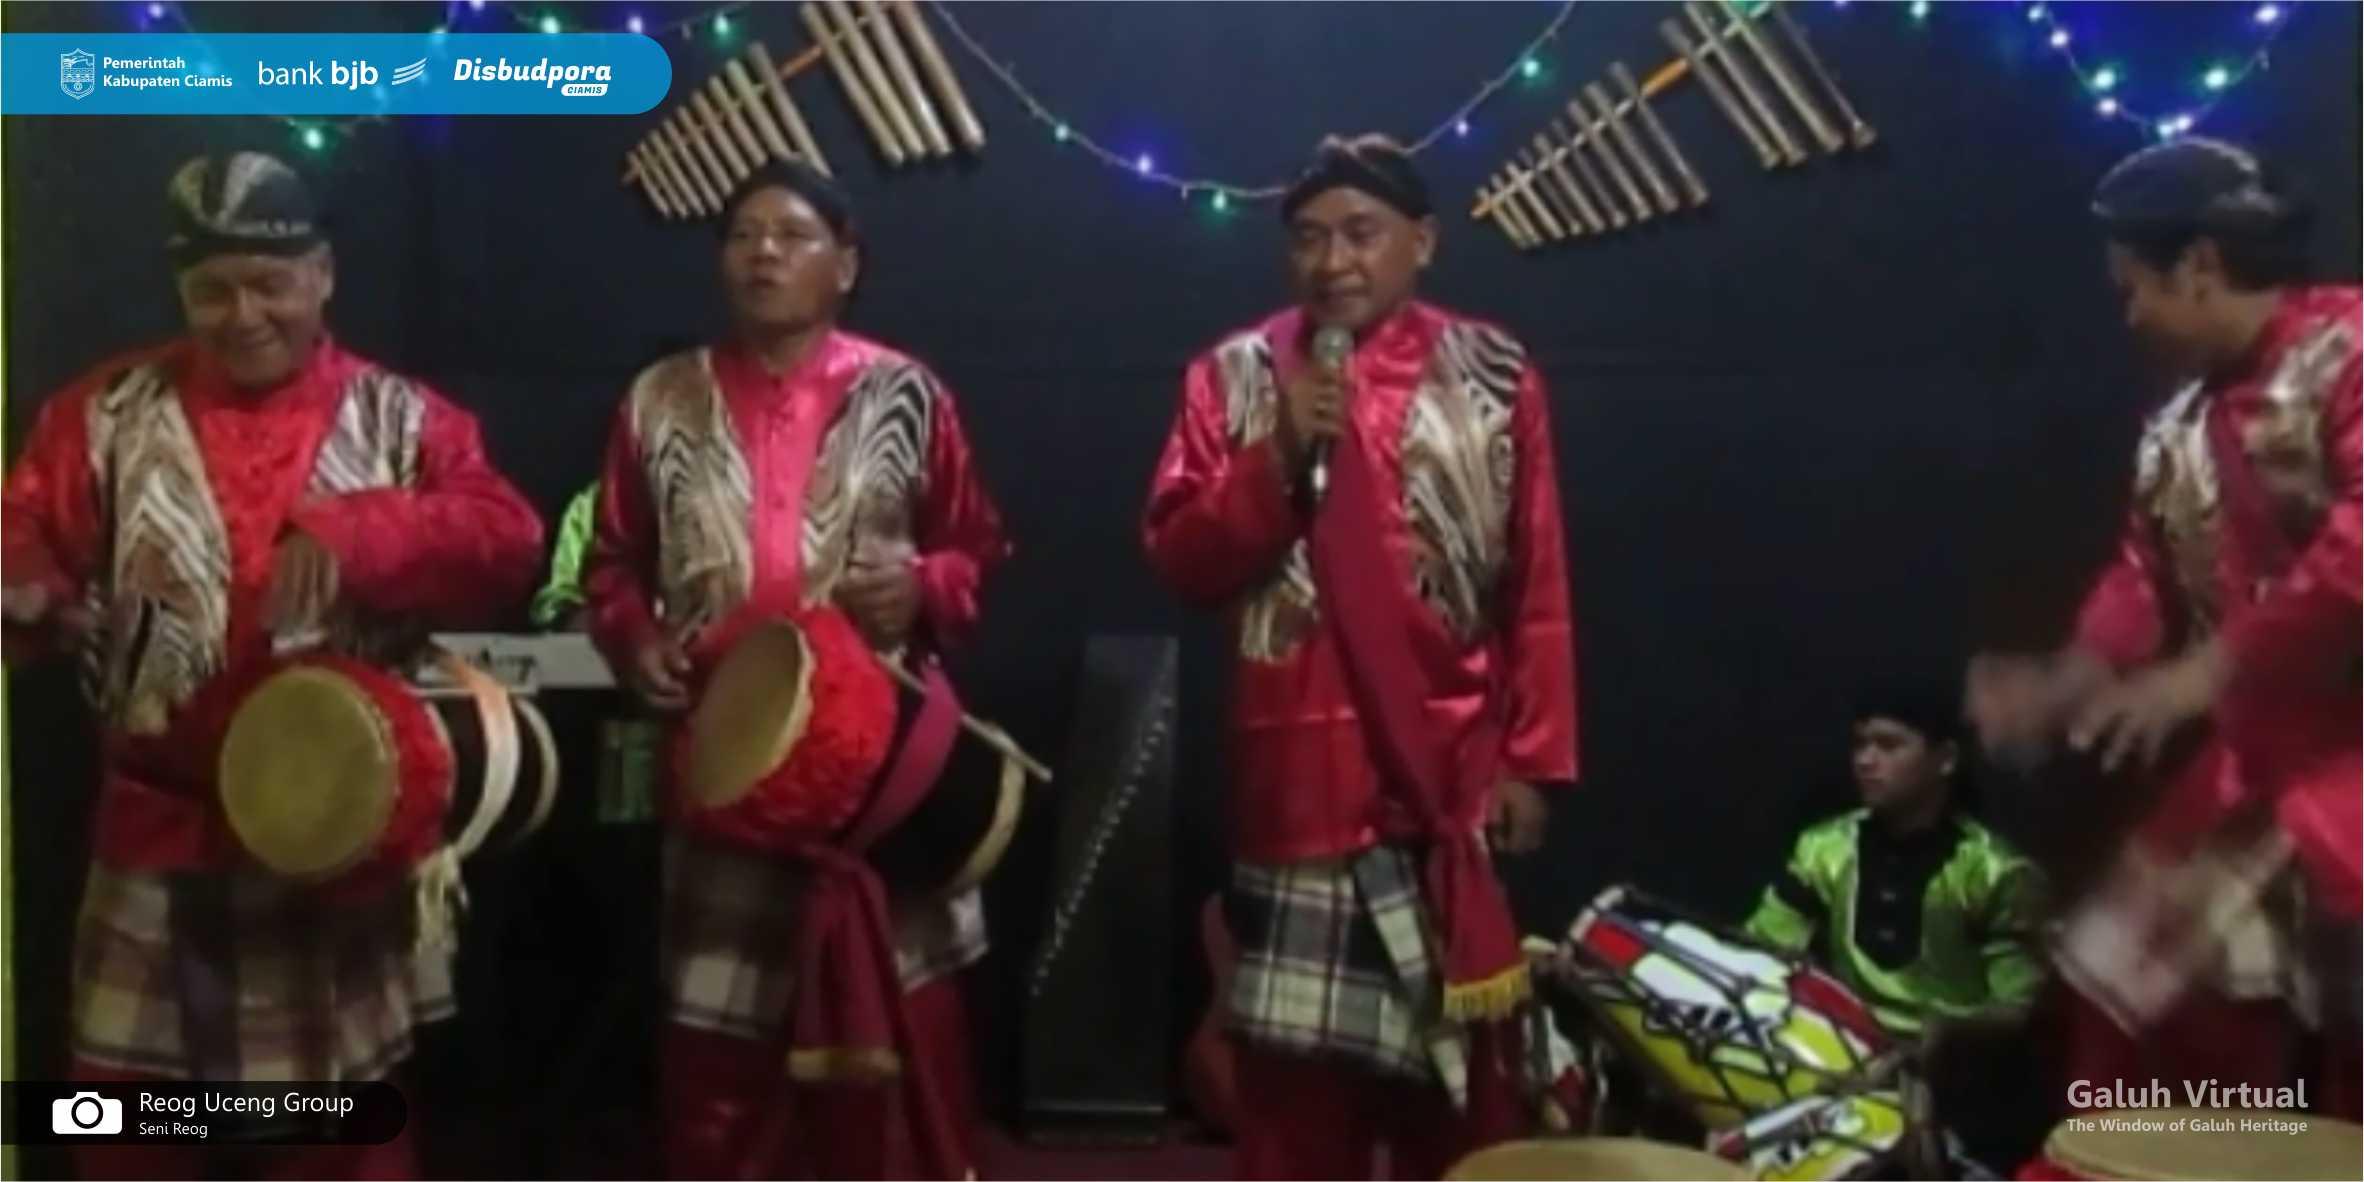 Lingkung Seni Uceng Group - Cijeungjing